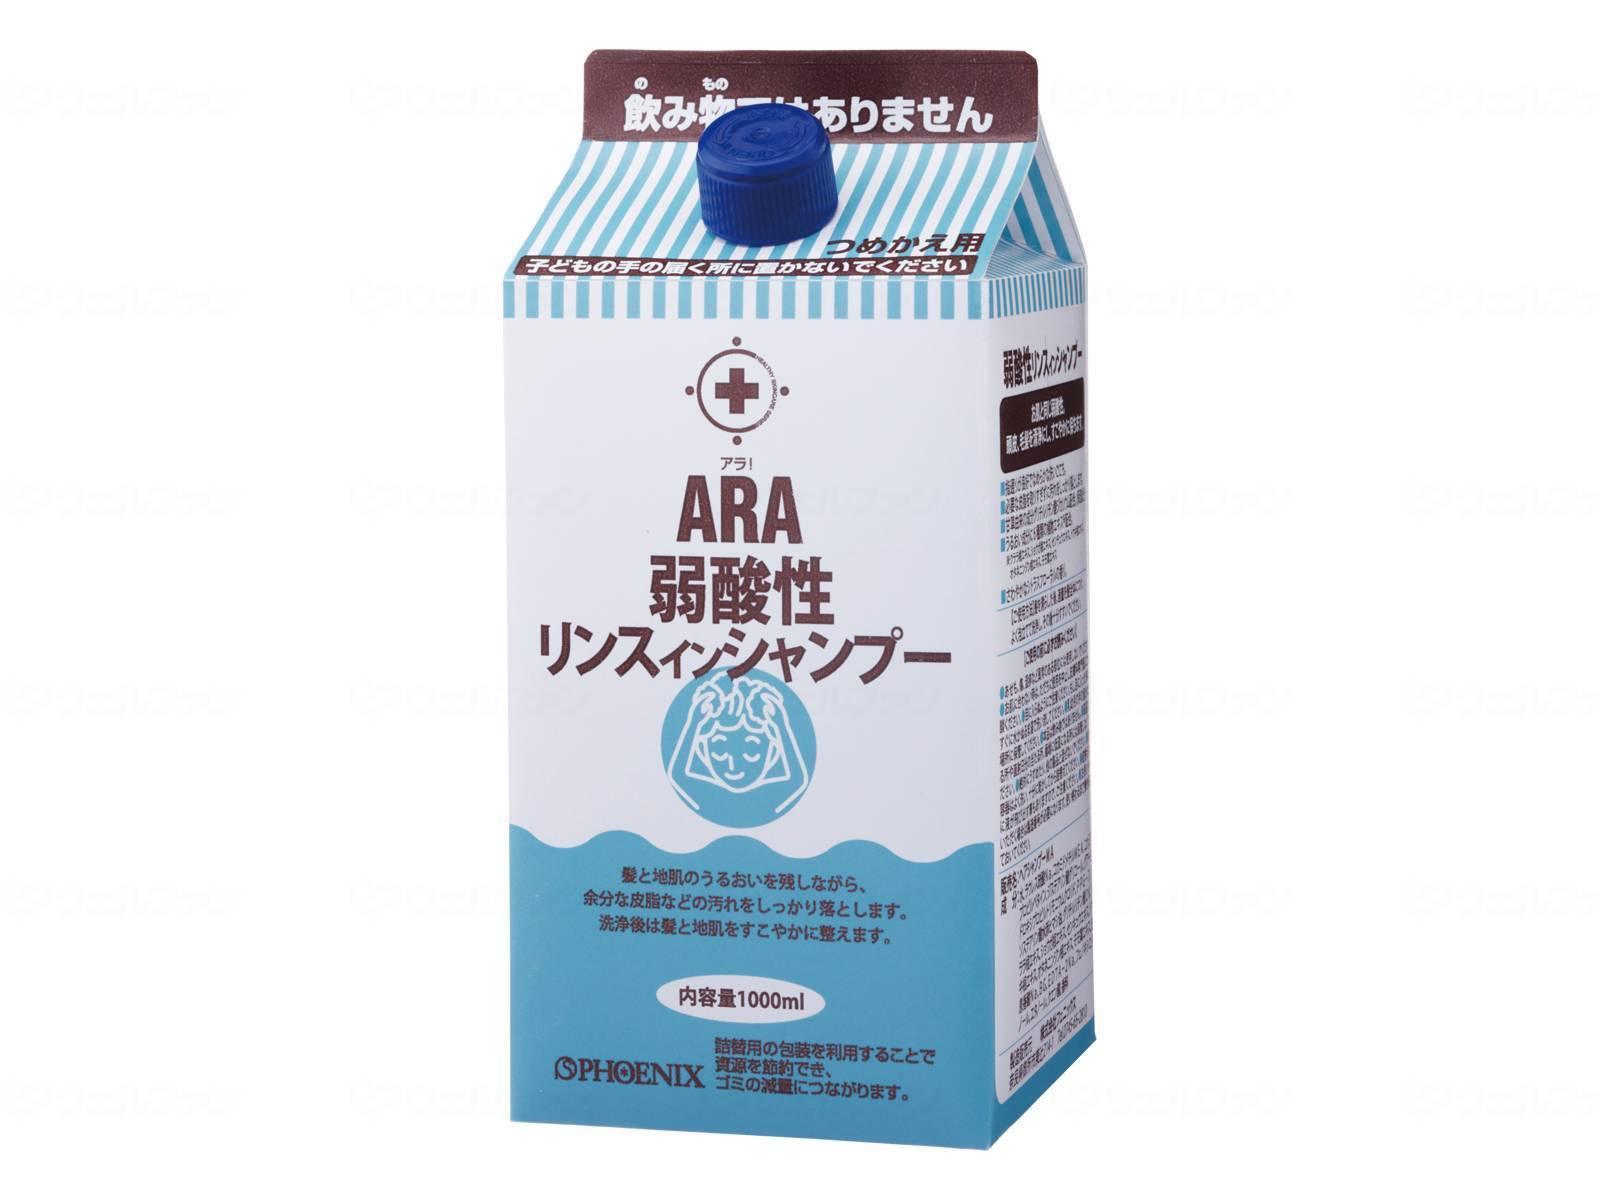 フェニックスアラ ARA弱酸性リンスインシャンプーケース販売 1000ml×12本セット1万円以上購入で送料無料[介護 ケア サポート 介護用品 通販 風呂 業務用 父の日]